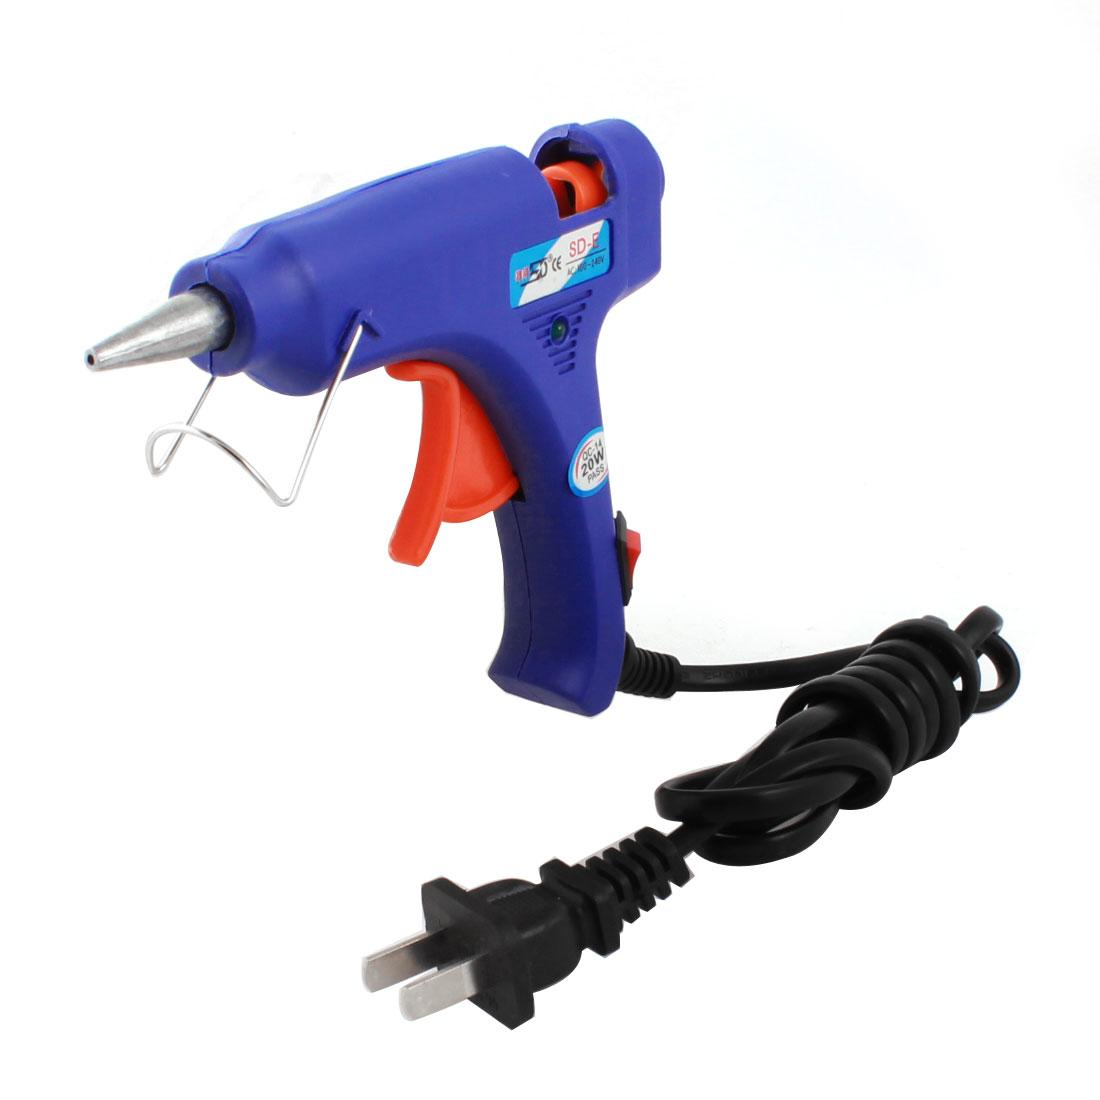 AC 100-240V US Plug 20W 2mm Tapered Nozzle Hot Melt Glue Gun SD-E